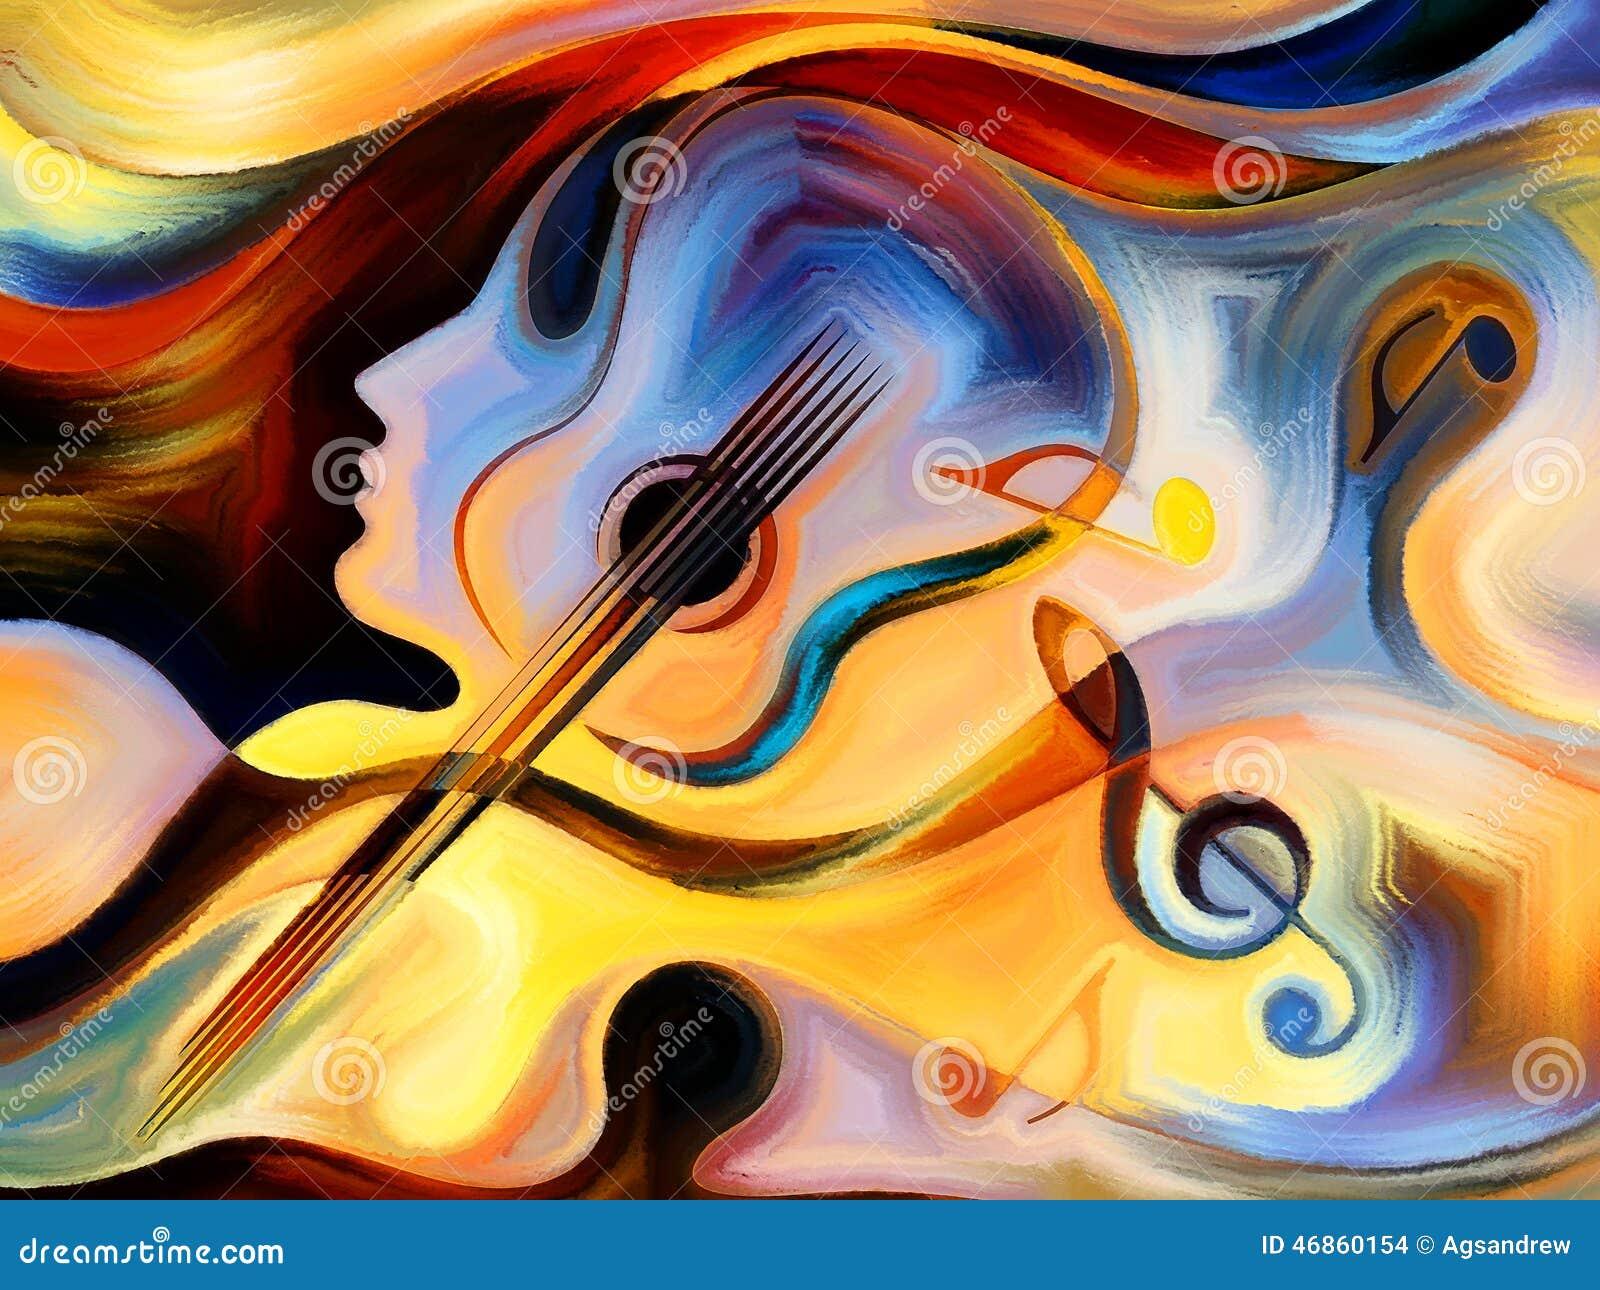 内在曲调系列 五颜六色的人和音乐形状背景关于音乐和表演艺术的灵性图片